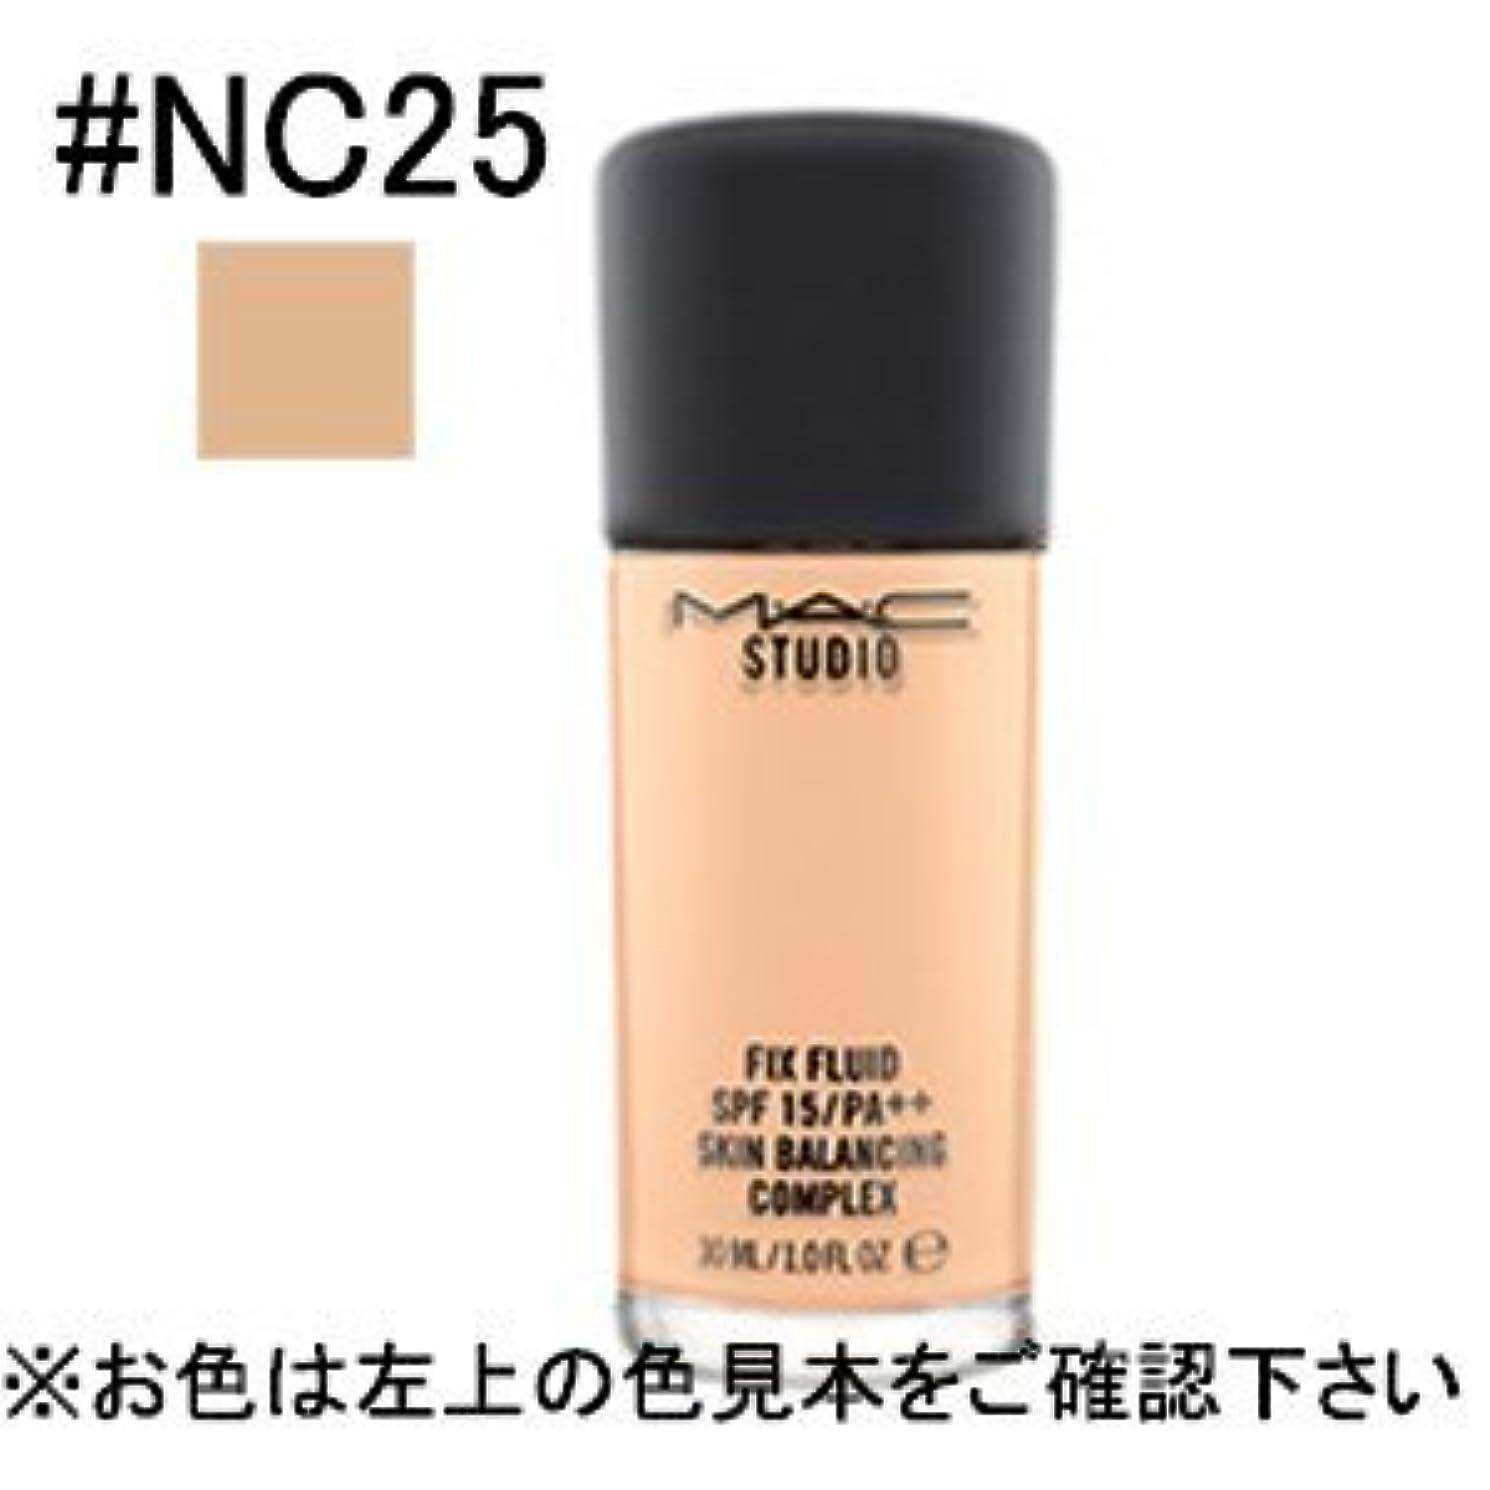 肉屋章カカドゥ【MAC リキッドファンデーション】スタジオ フィックス フルイッド #NC25